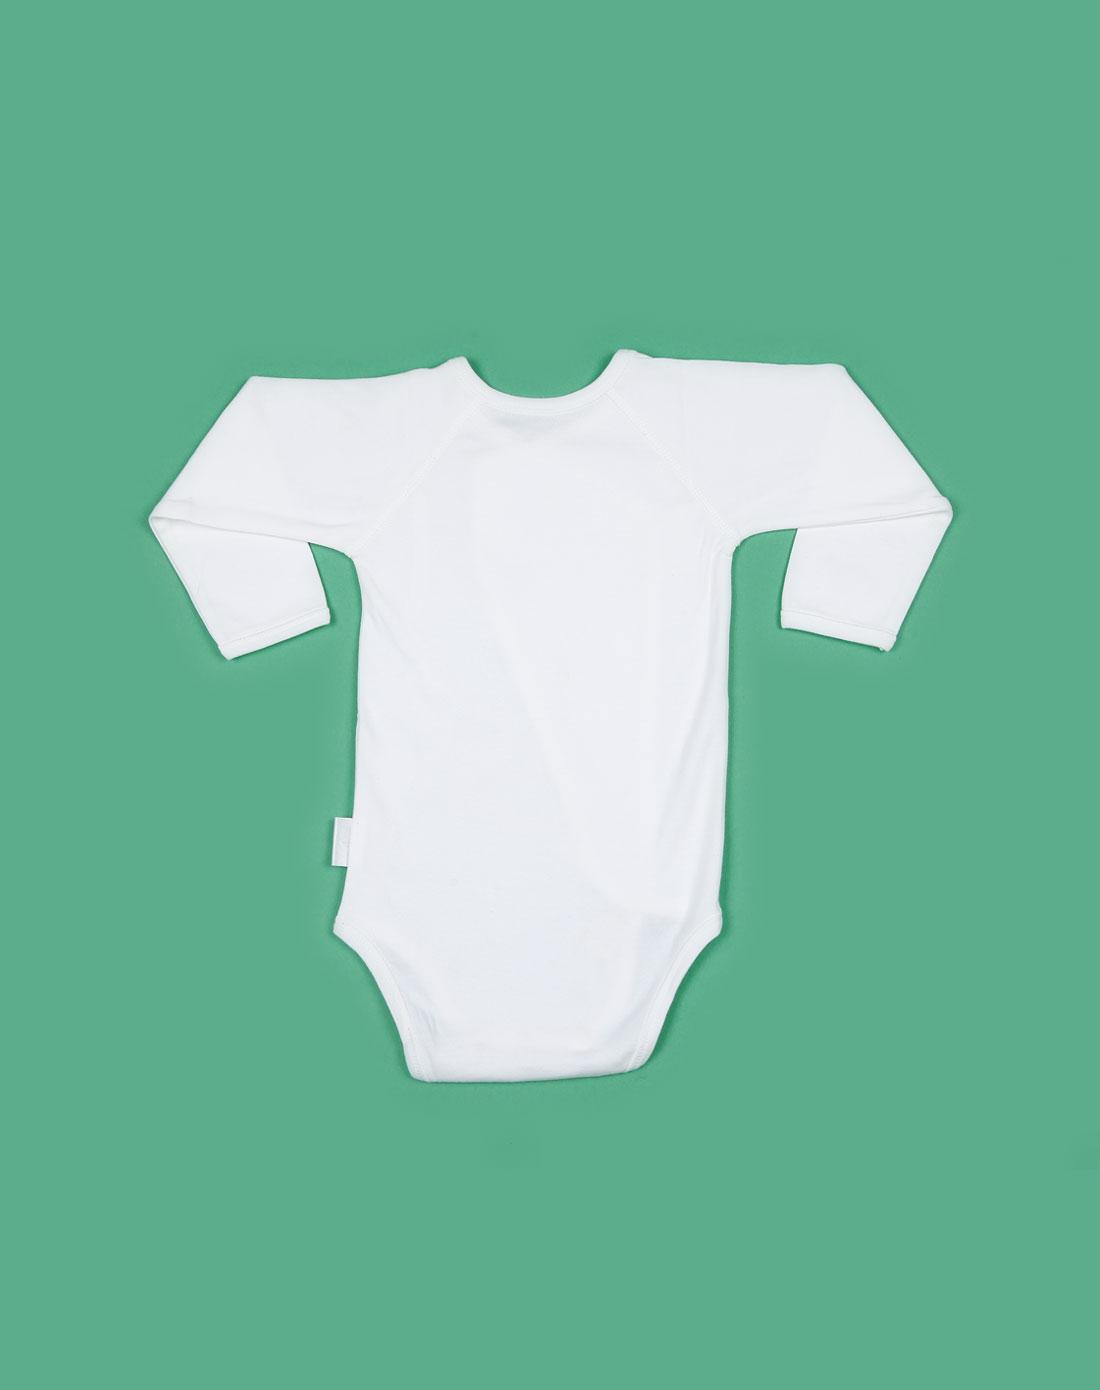 t恤 t恤 设计 矢量 矢量图 素材 衣服 1100_1390 竖版 竖屏